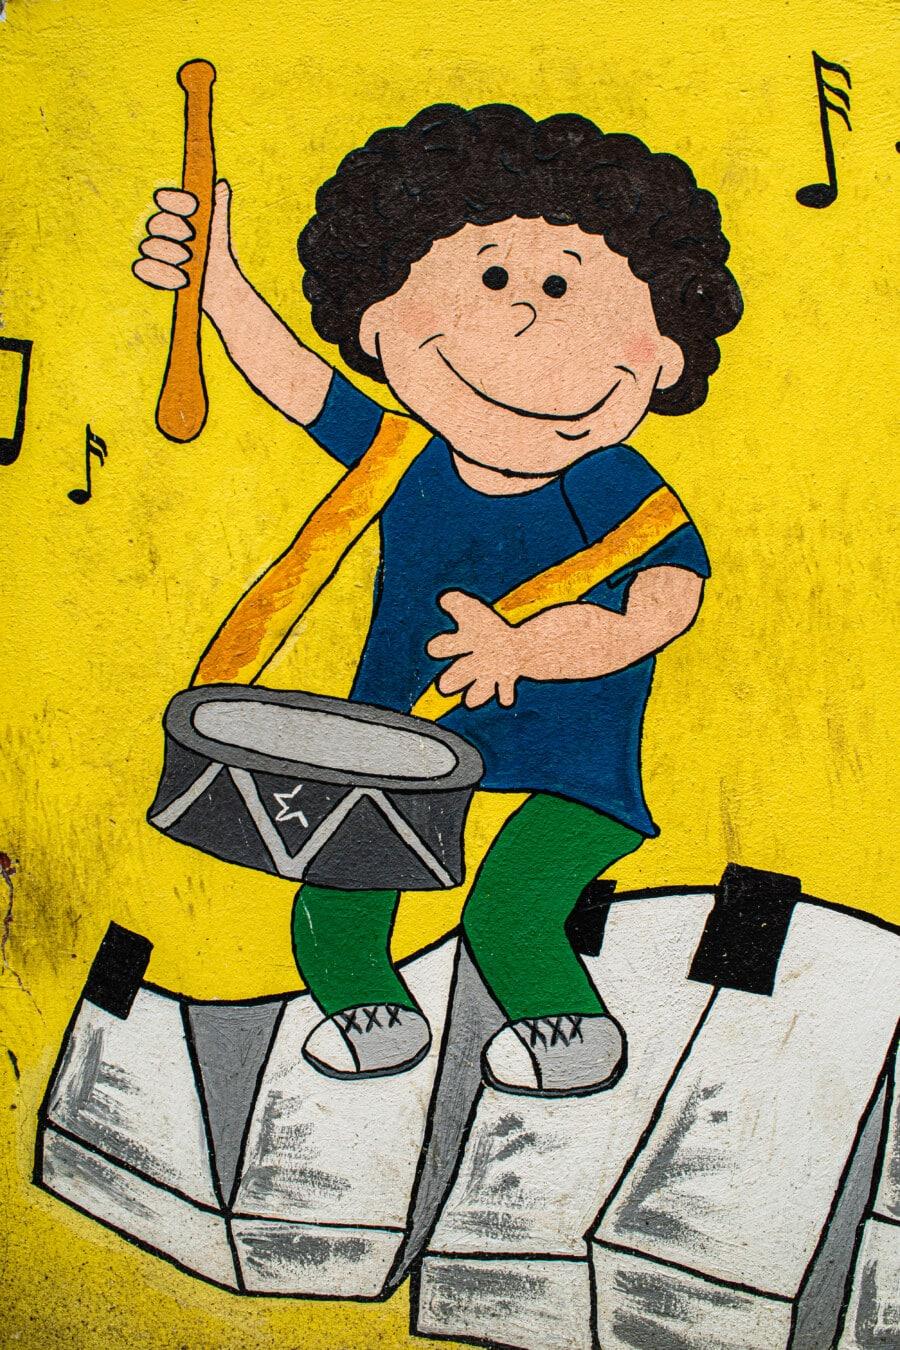 enfant, musicien, tambour, croquis, artistique, Graffiti, créativité, art, illustration, retro